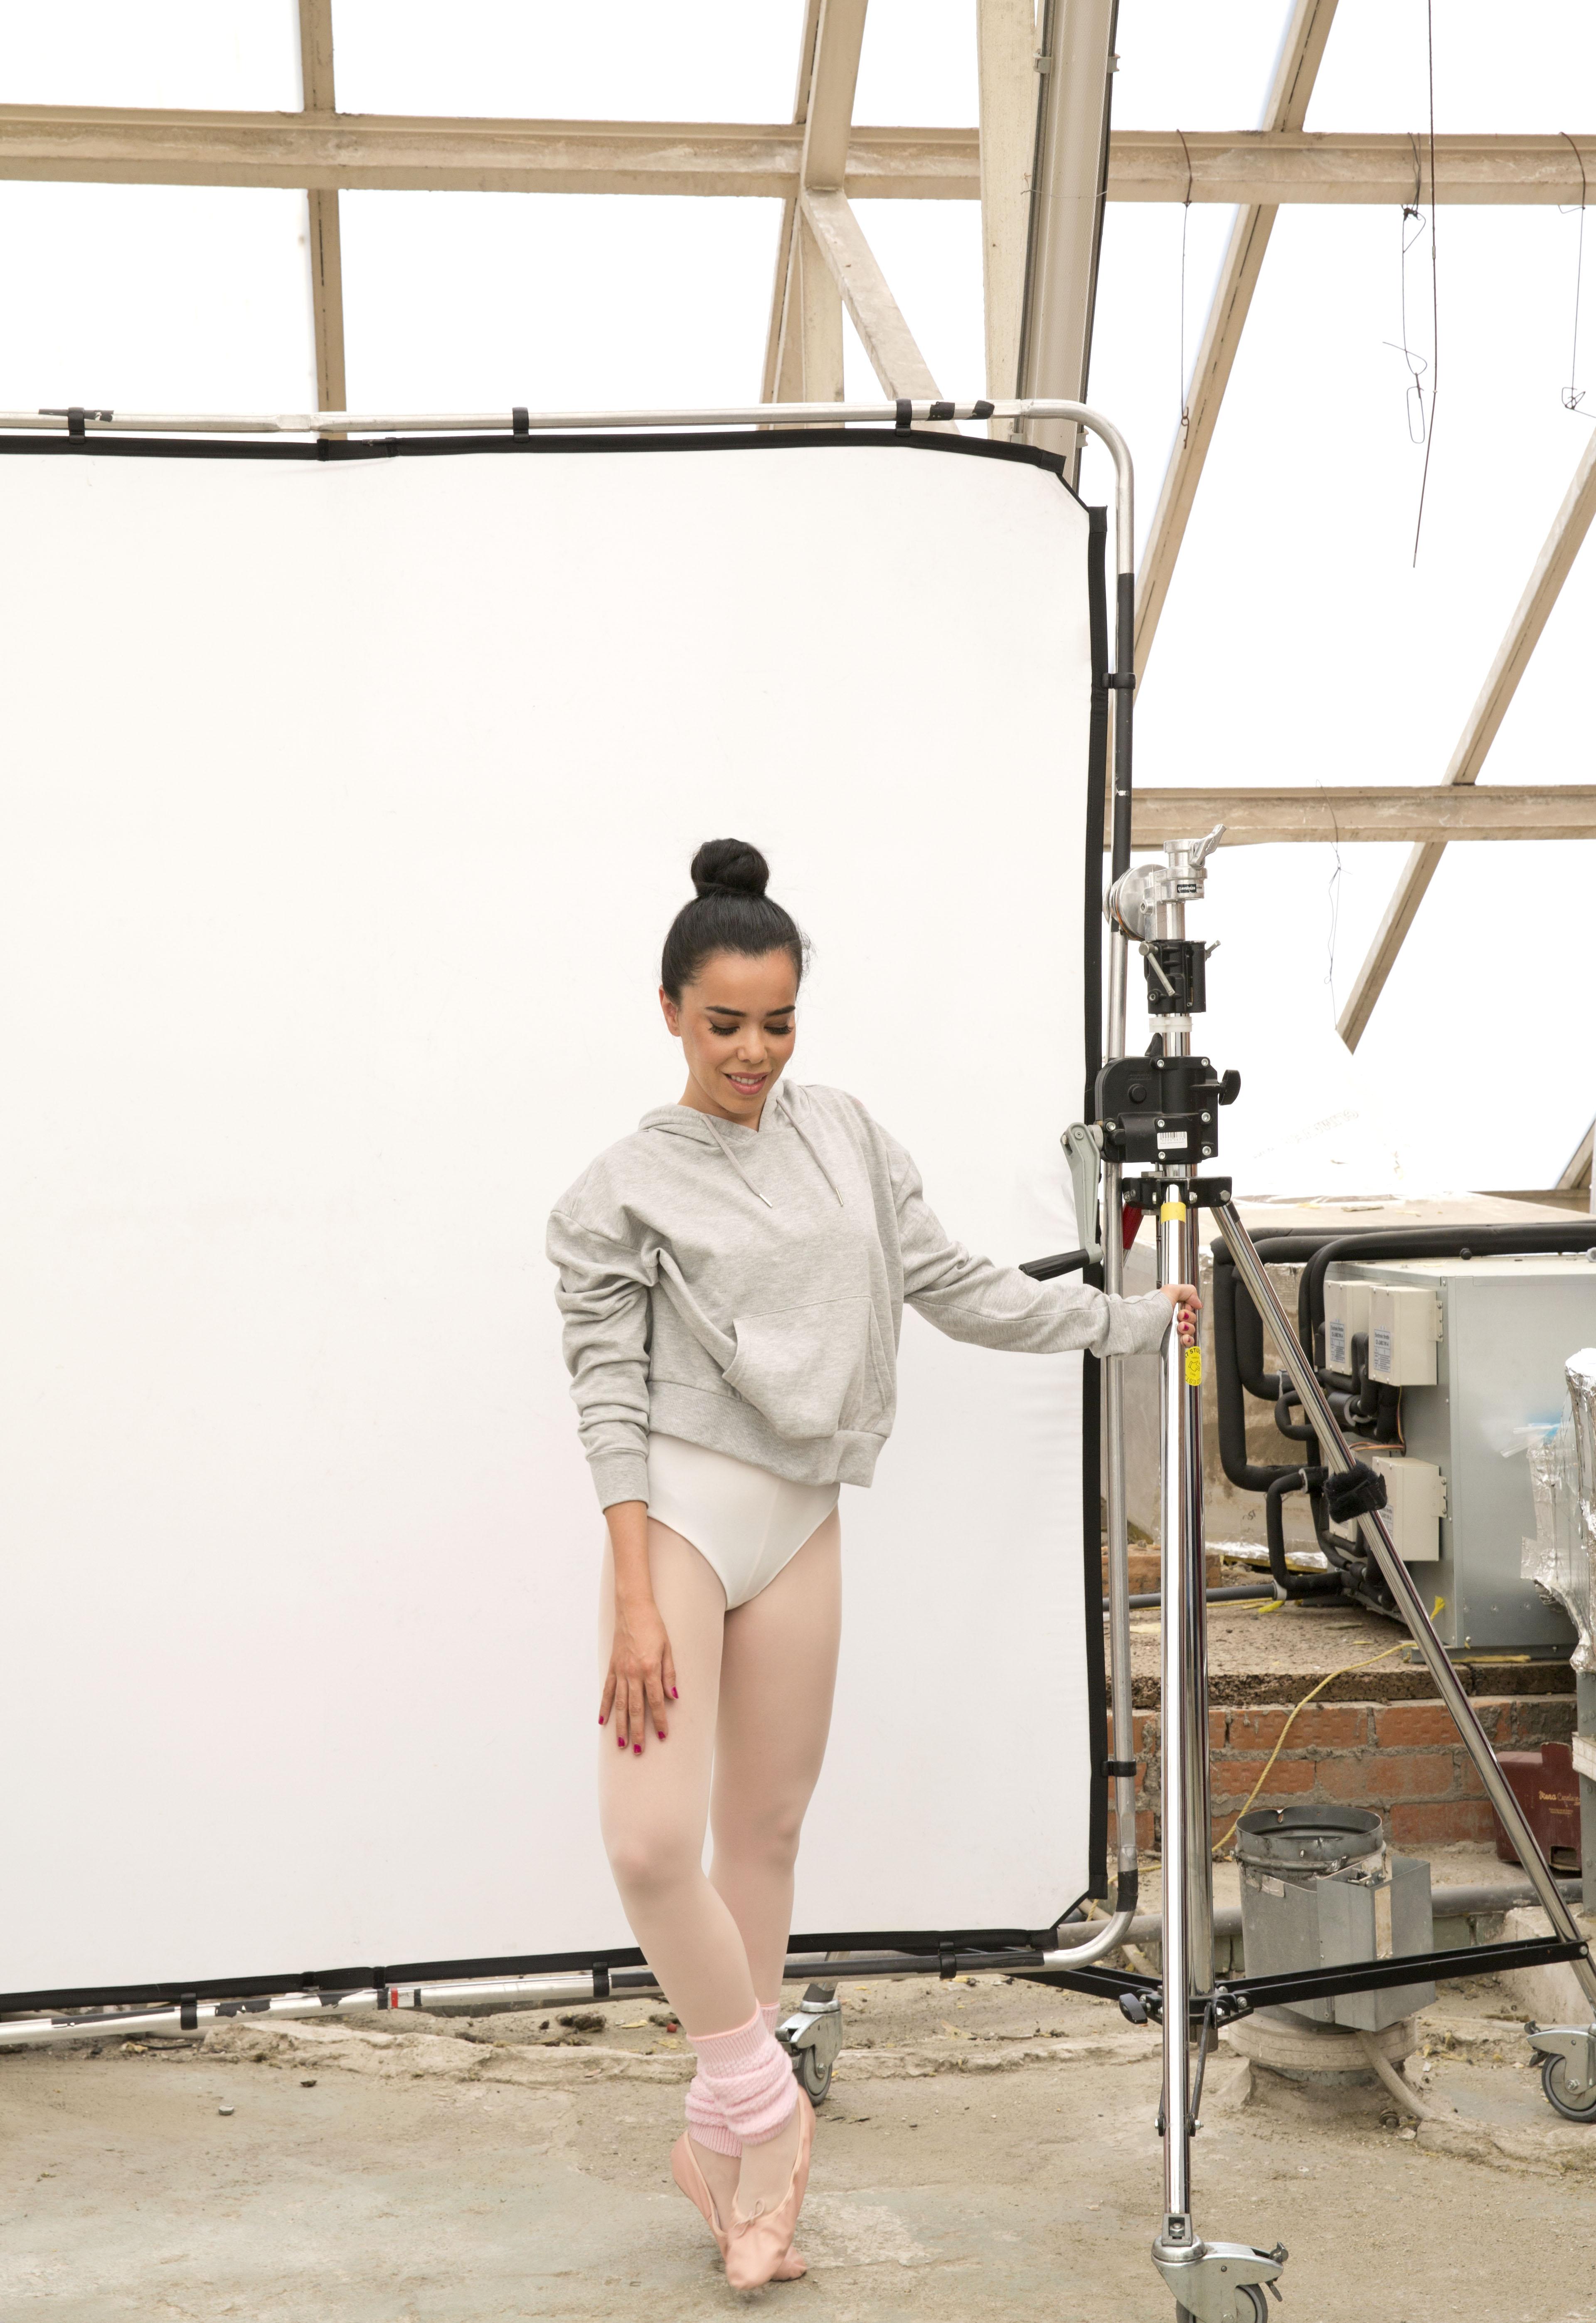 Luengo es cantante, compositora, bailarina, actriz y empresaria. Sudadera: Primark. Body: Wolford. Calentadores: Decathlon.